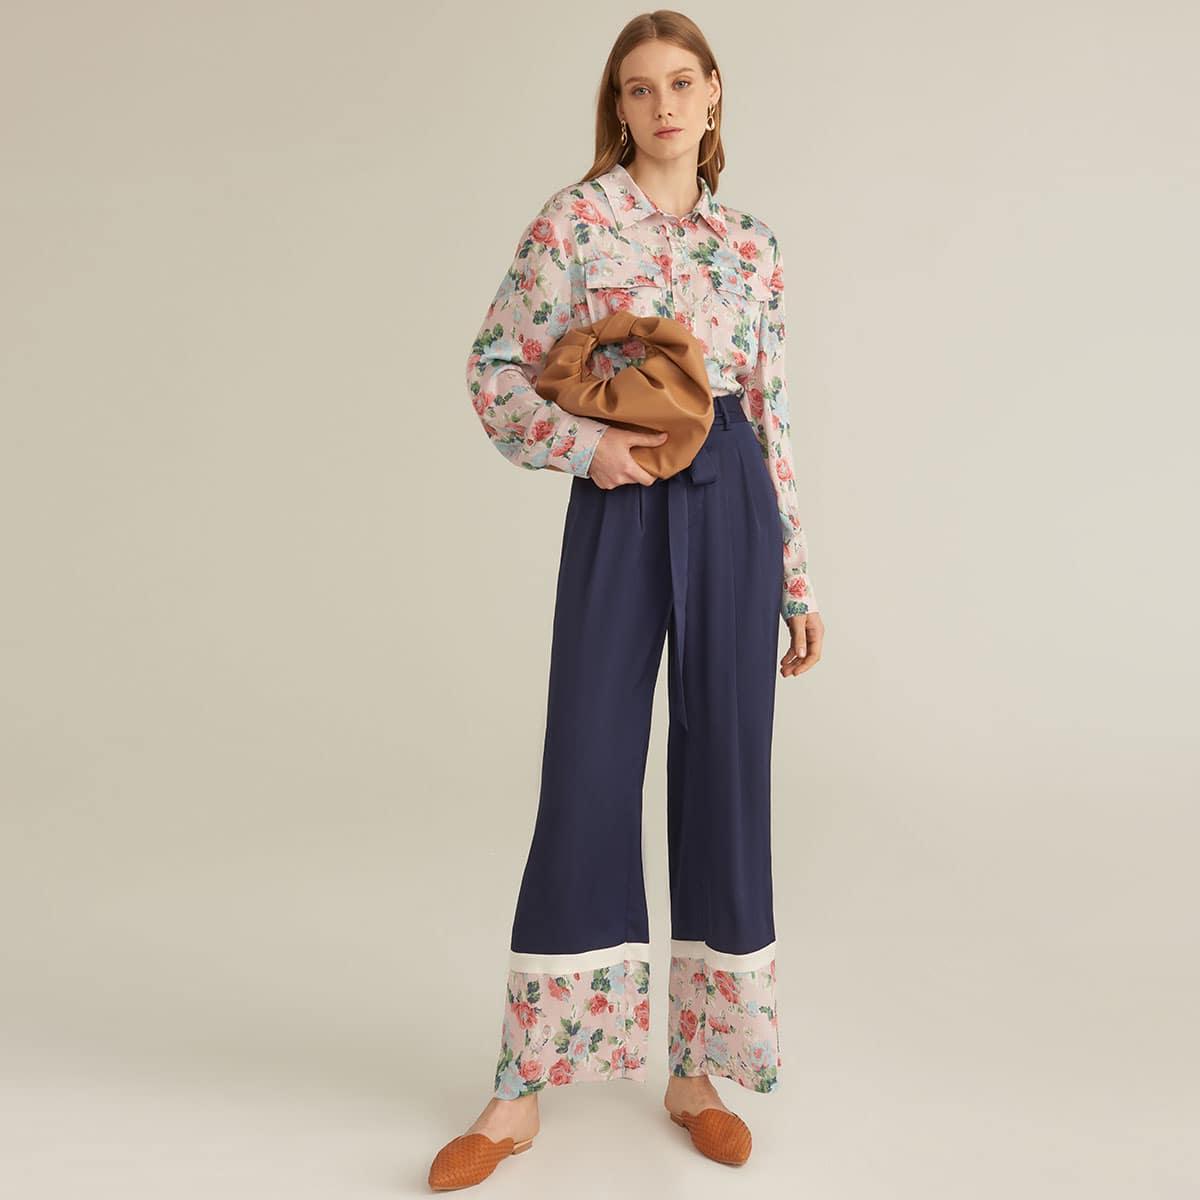 Premium Bluse mit überallem Blumen Muster und Taschen Klappe & Palazzo Hose mit Kontrast Einsatz und Gürtel Set